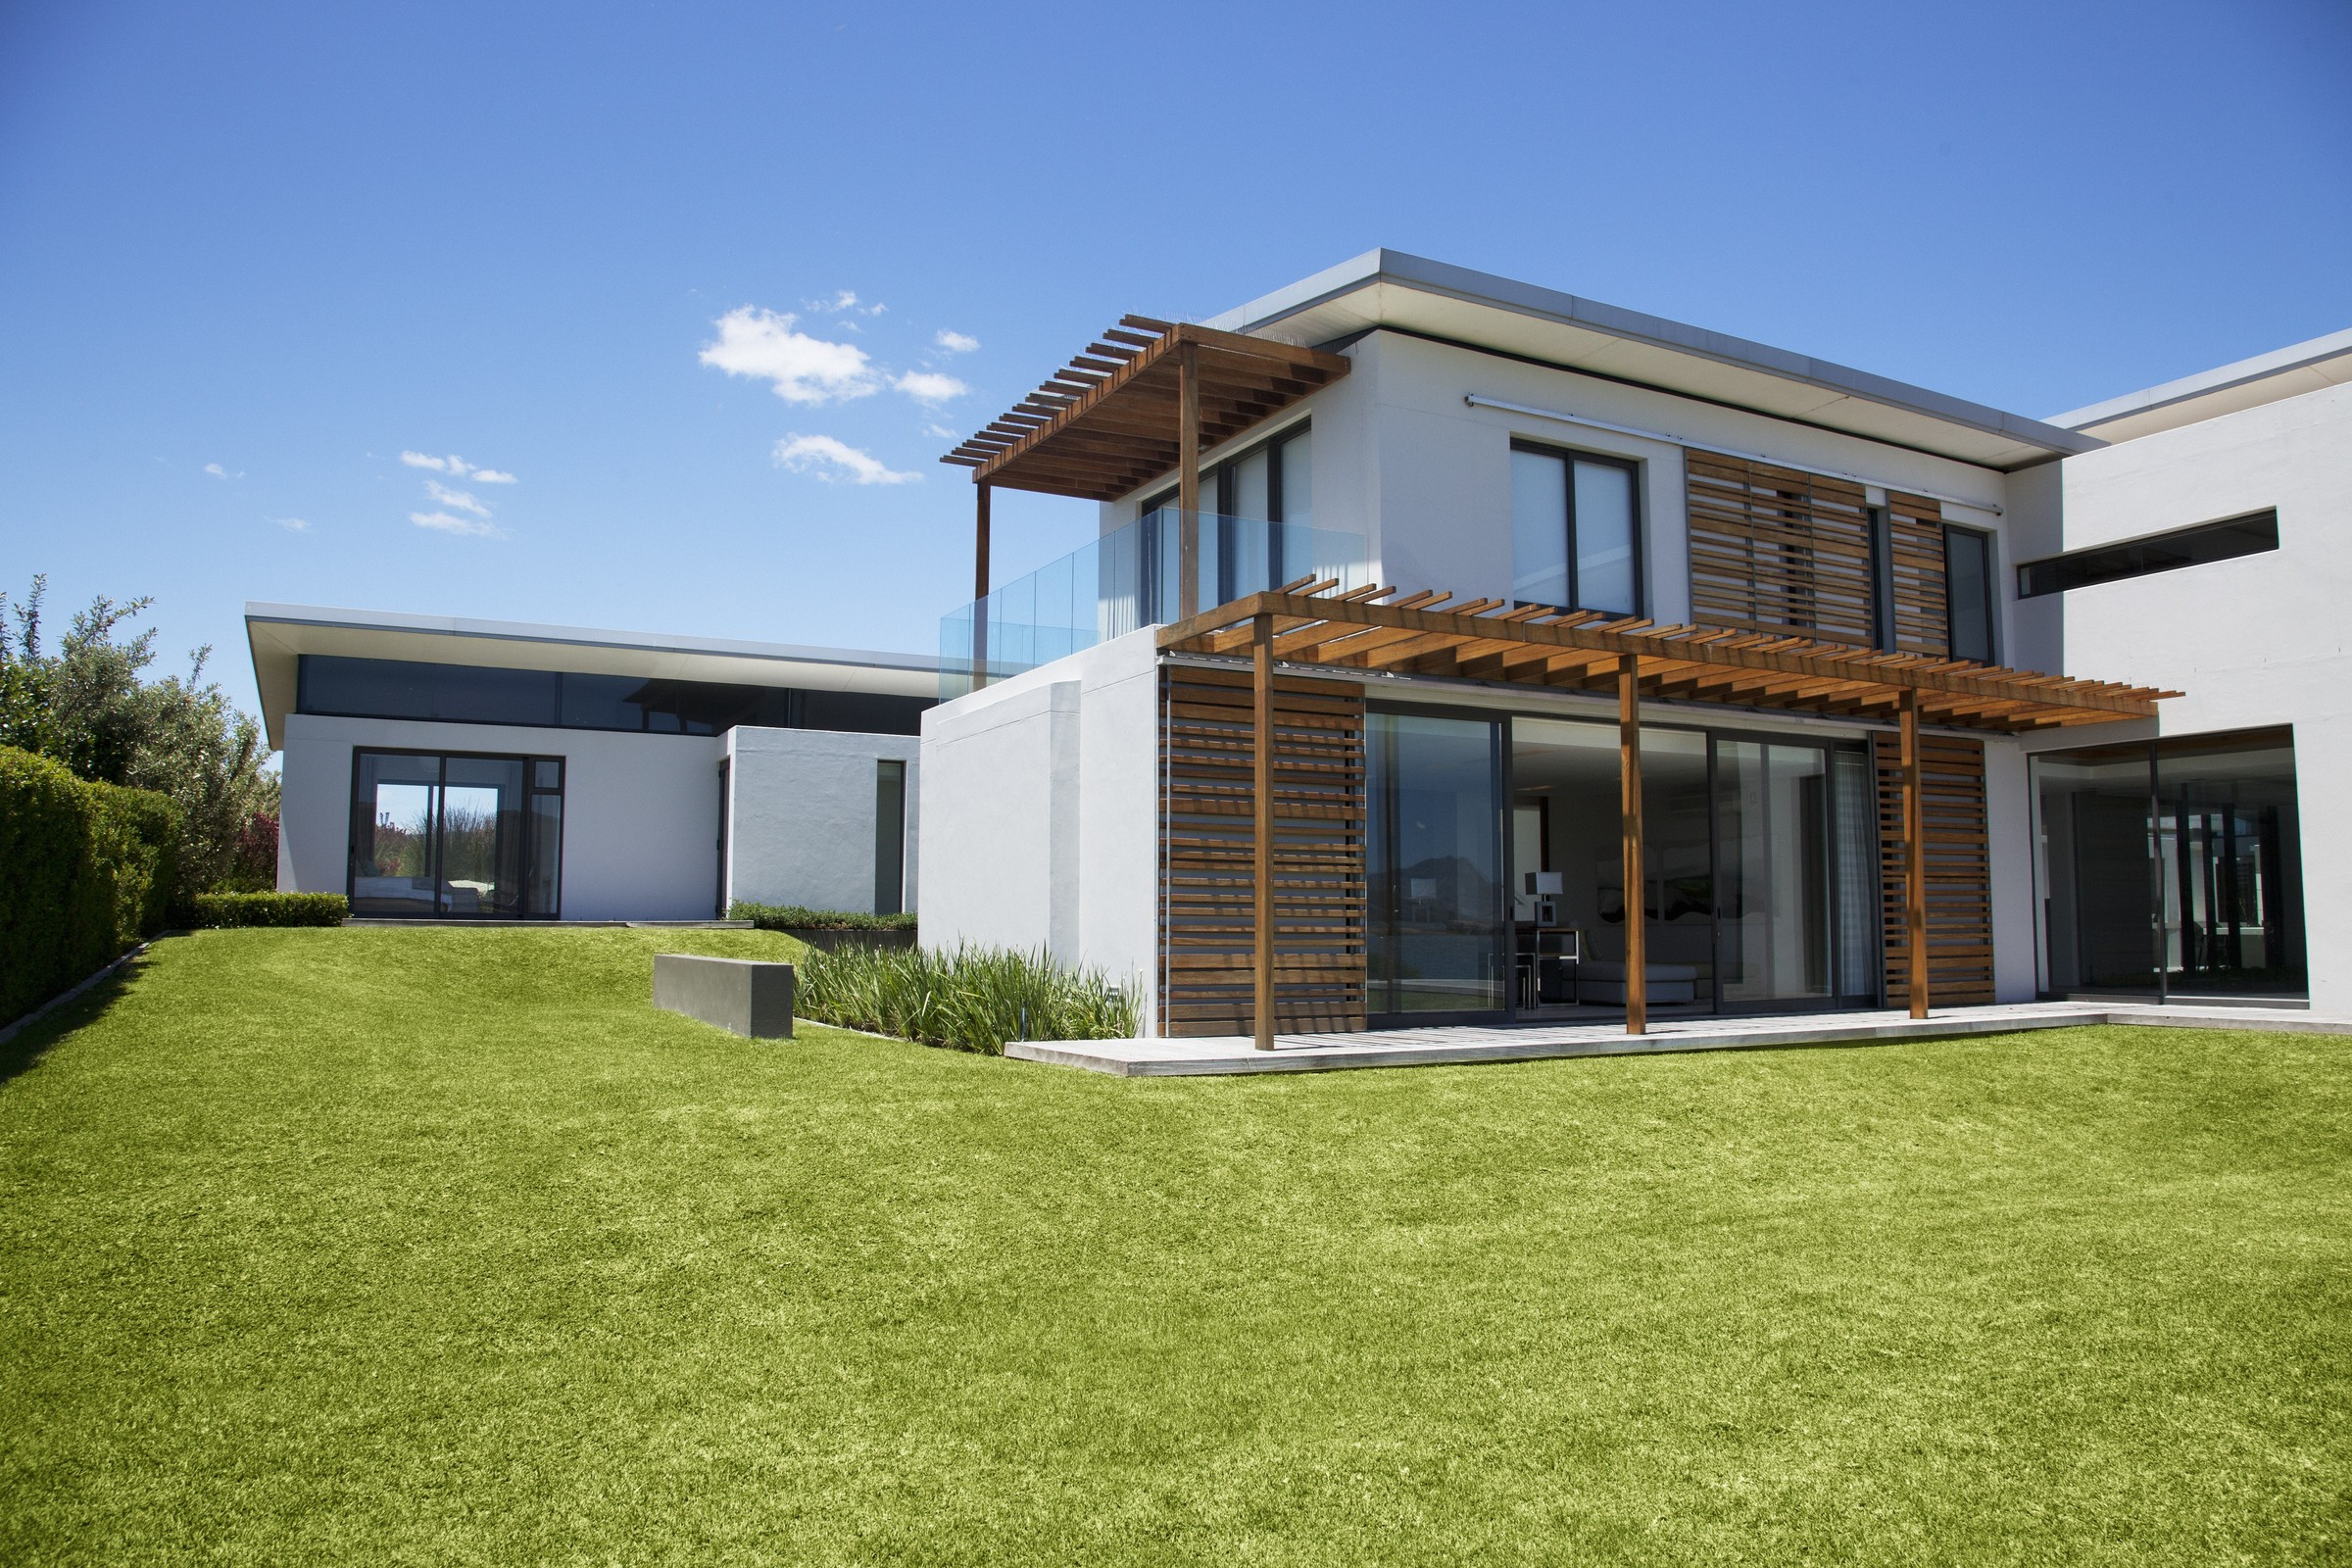 8 Raisons D'adopter Des Maisons À Toit Plat ! | Construire tout Terrasse Toit Plat